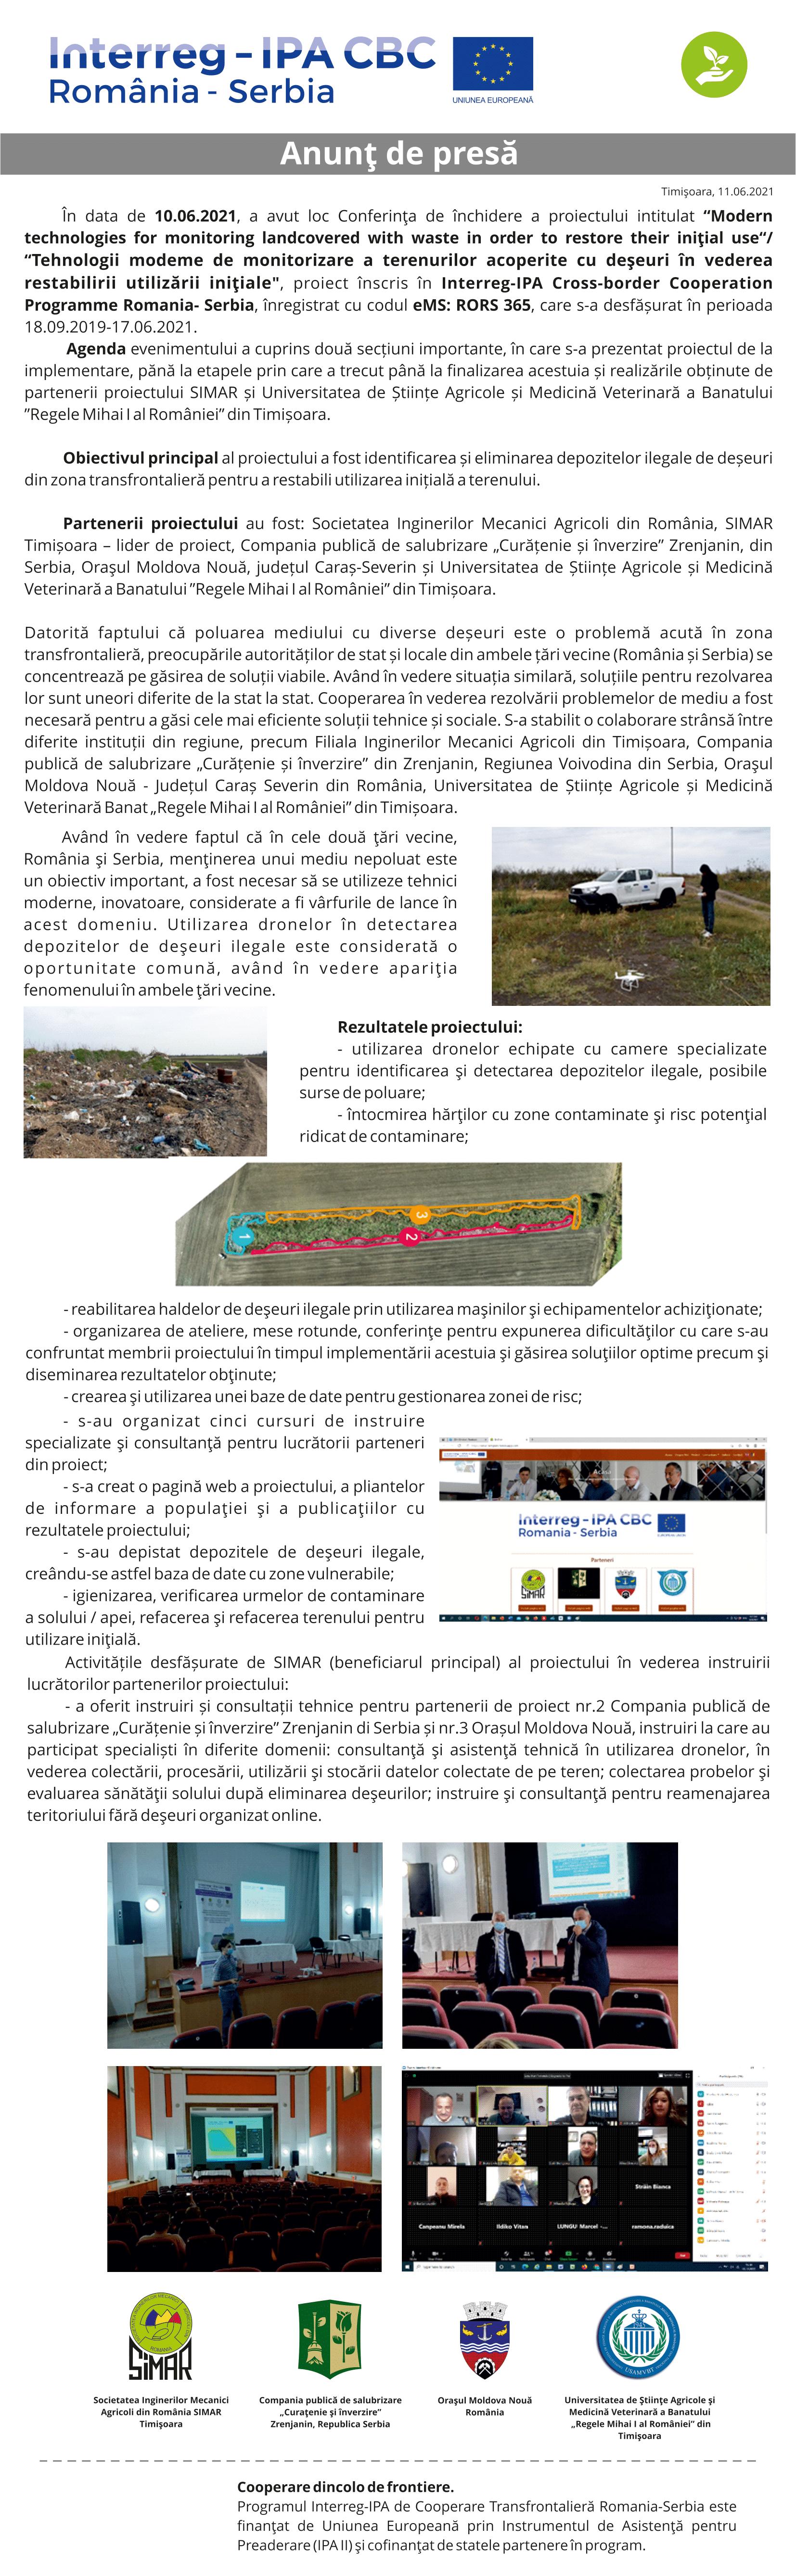 anunt de pr- articol 1 - 11.06-1